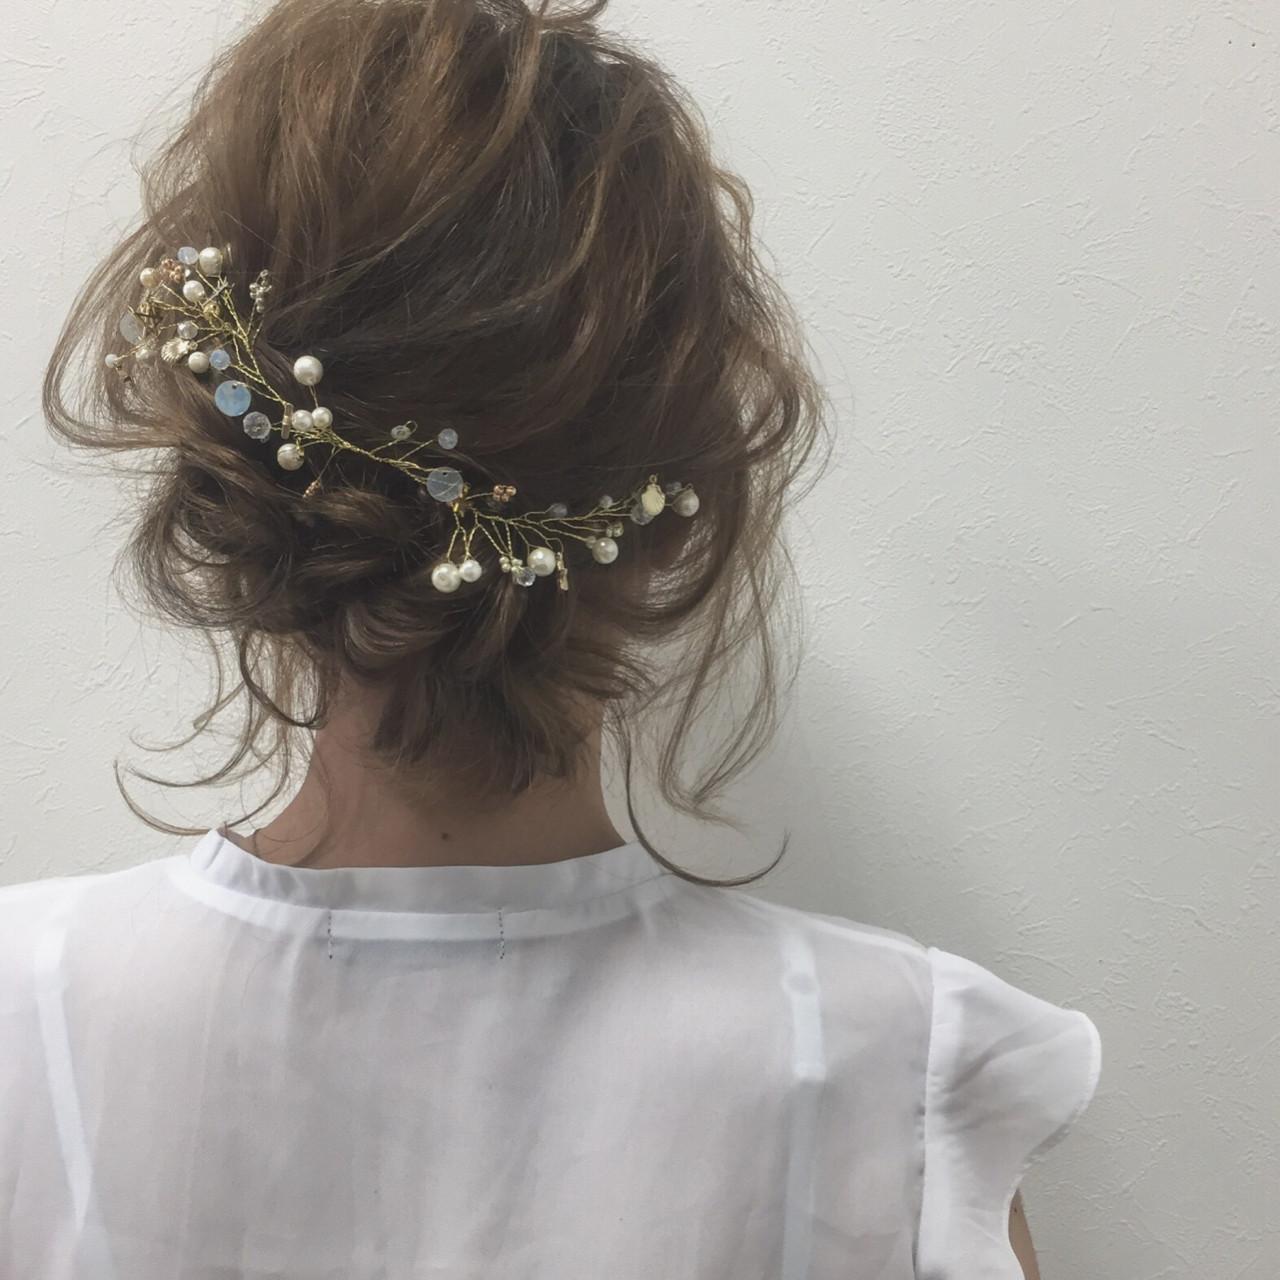 ふわふわ 色気 ショート ガーリー ヘアスタイルや髪型の写真・画像